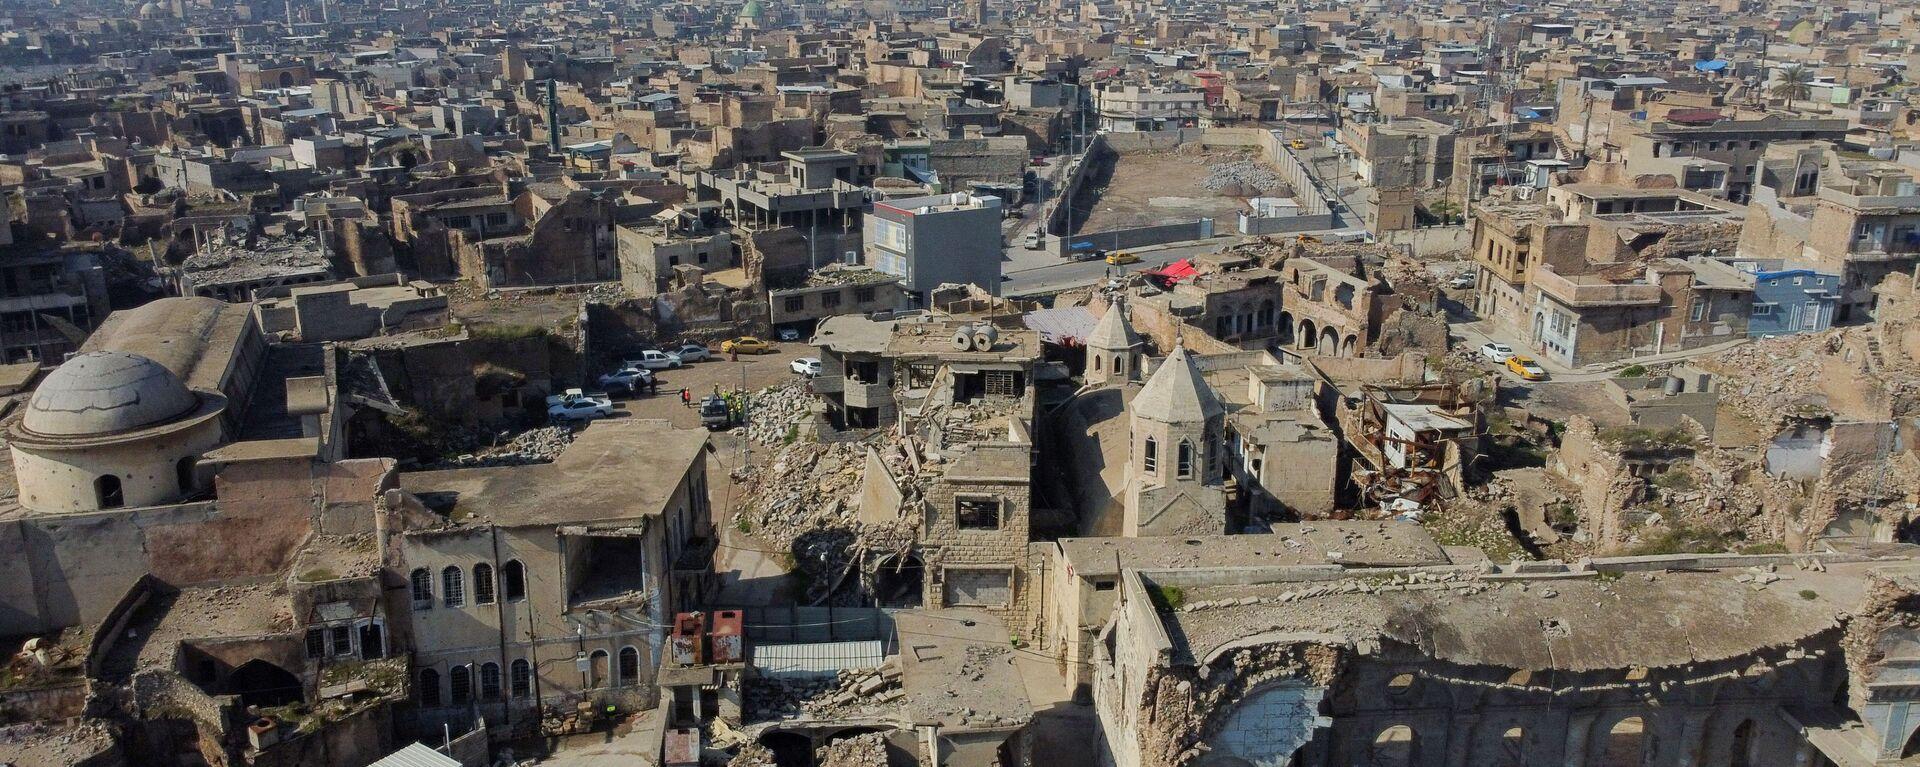 Stare miasto w Mosulu, Irak - Sputnik Polska, 1920, 07.07.2021